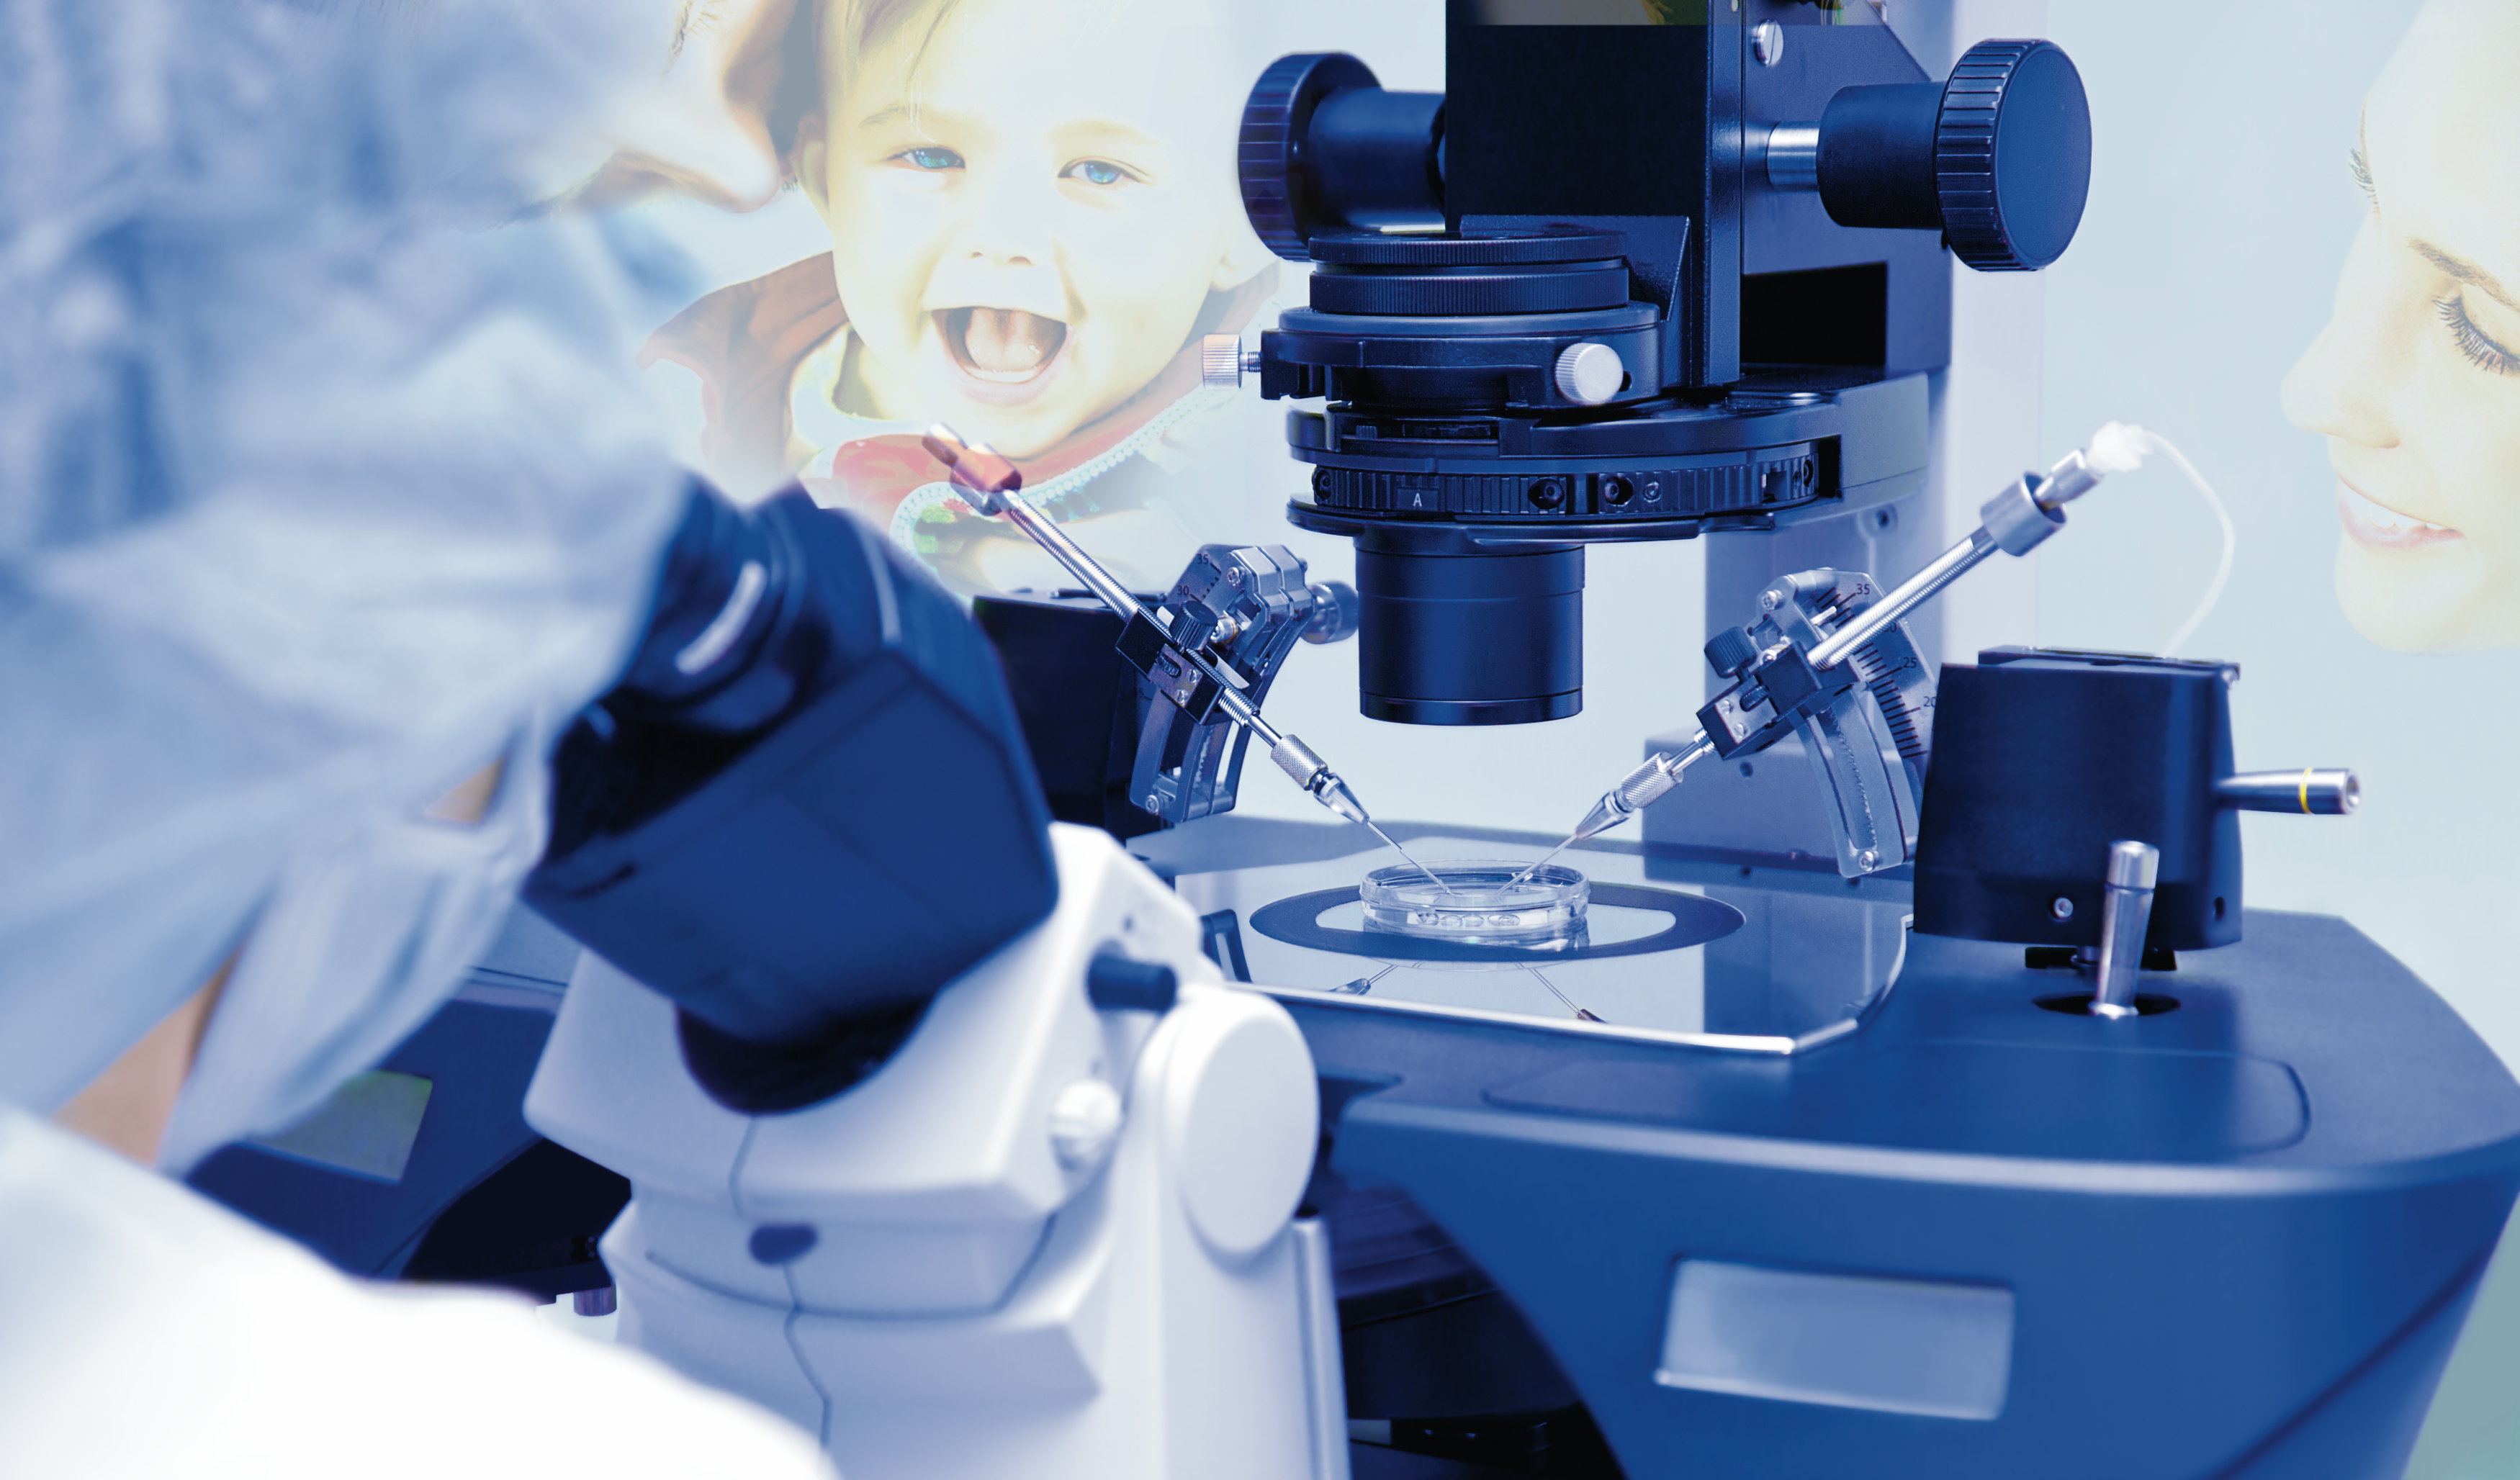 In vitro na naturalnym cyklu - kiedy stymulacja hormonalna nie jest wskazana